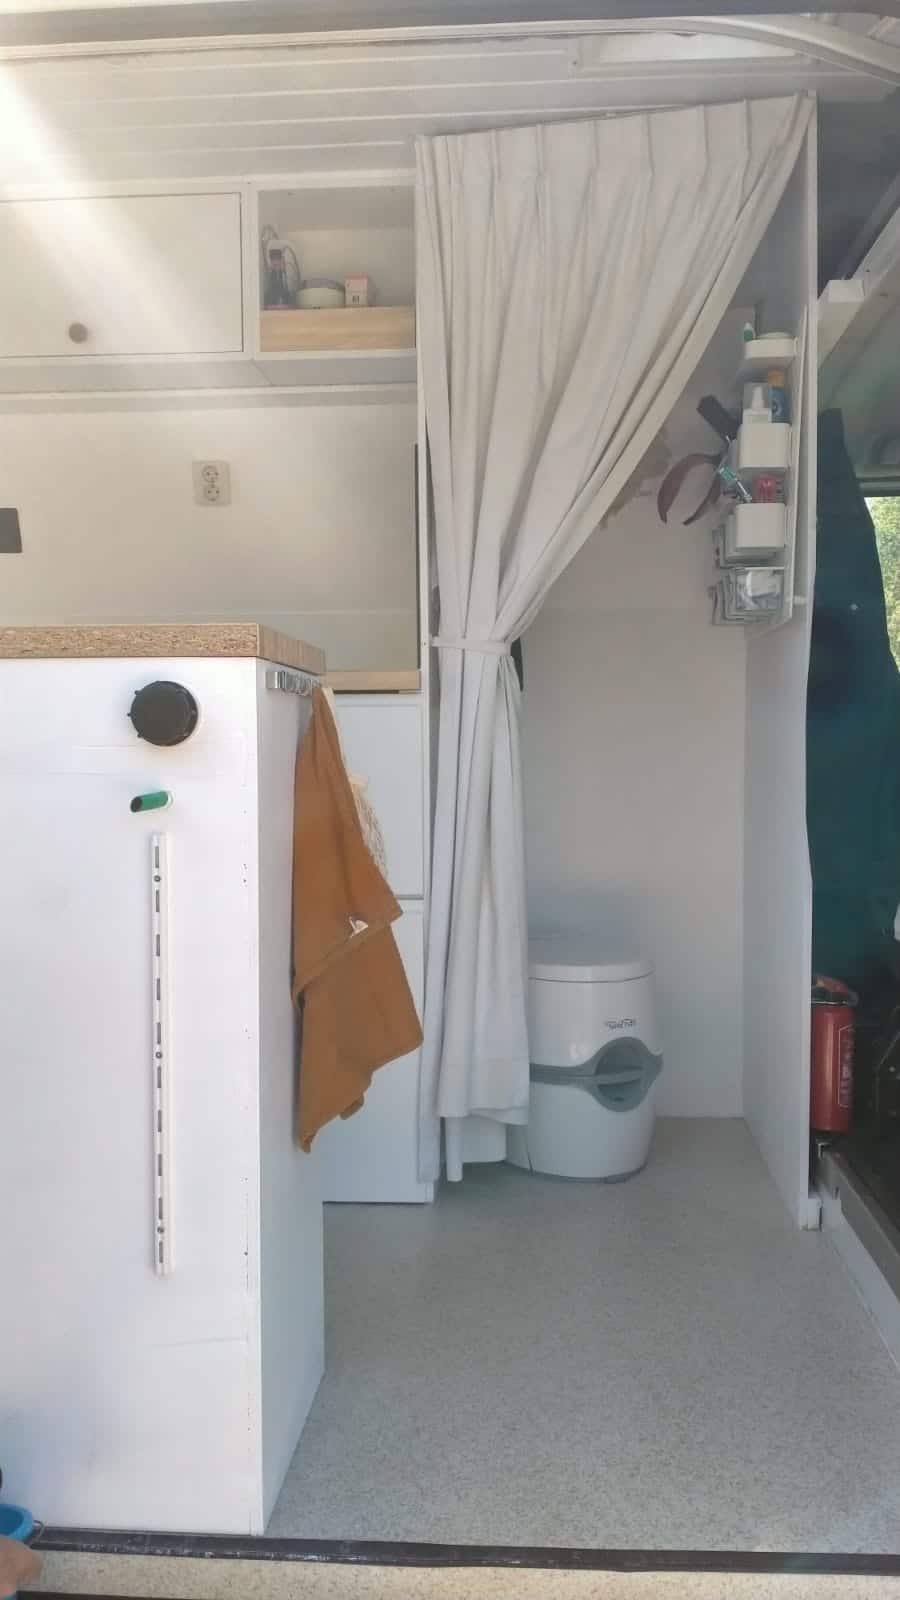 Toilet, een wand met toiletspullen, een spiegel en een droogrek in de camper.